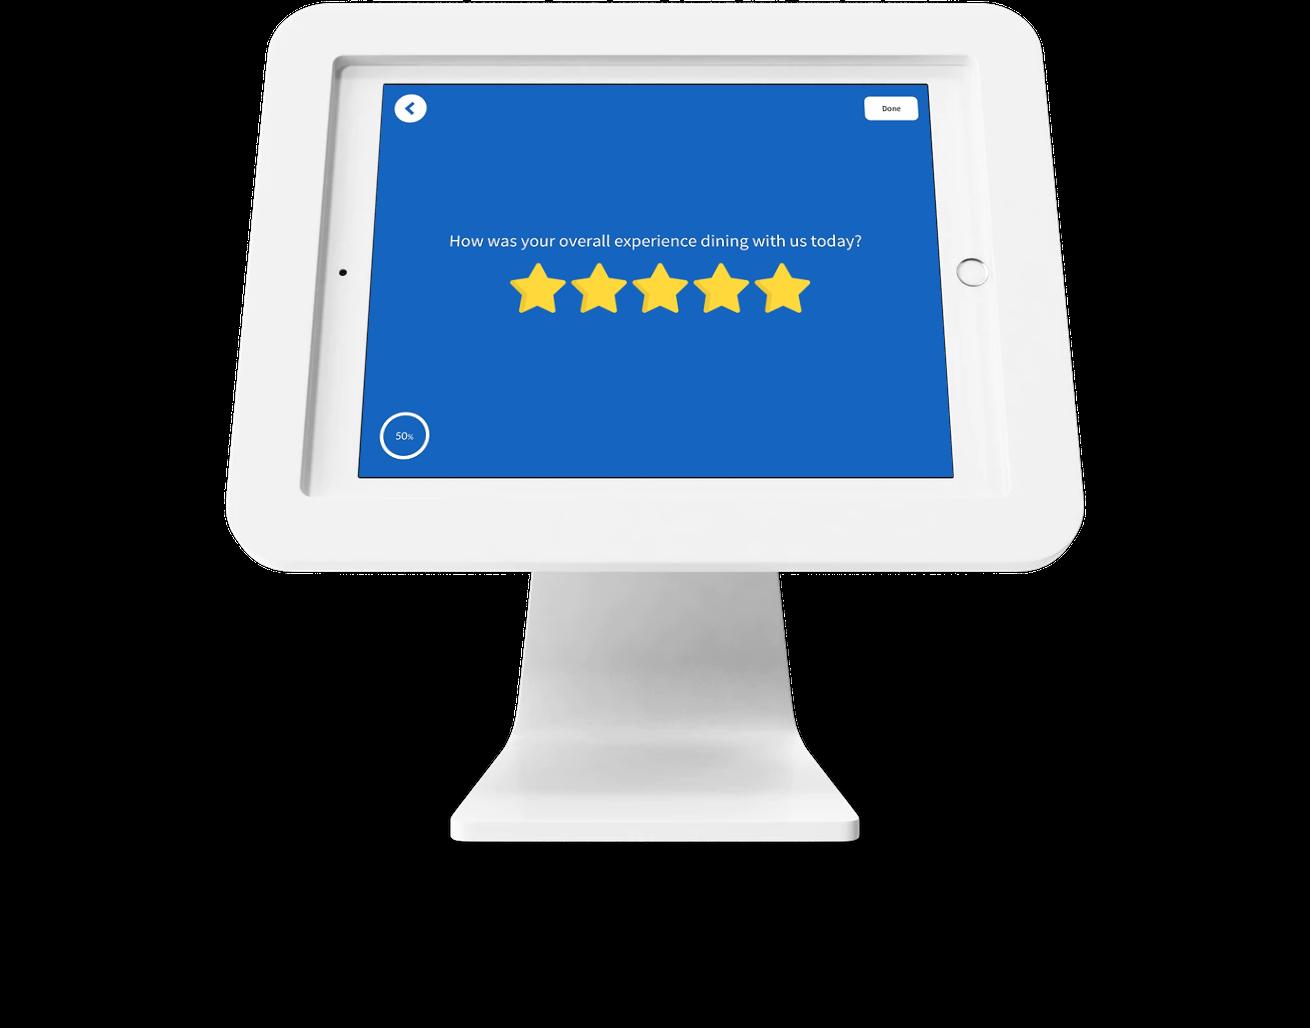 Kiosk Survey App-1